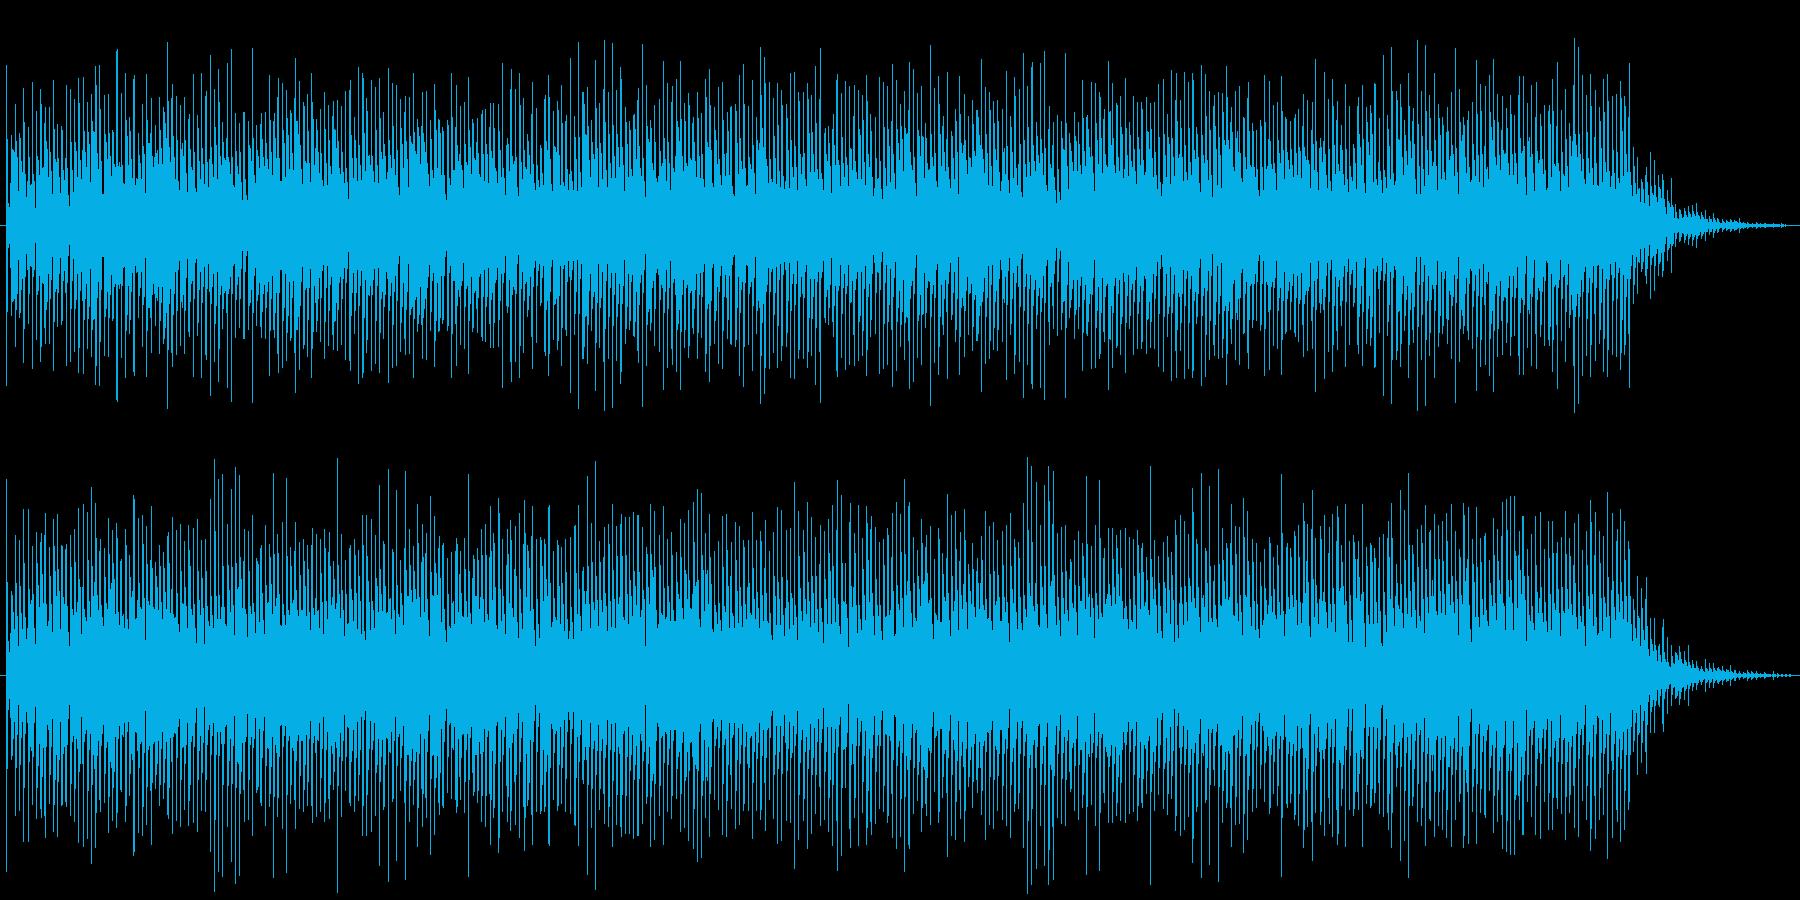 琴の響きがエキゾチックな和風BGMの再生済みの波形